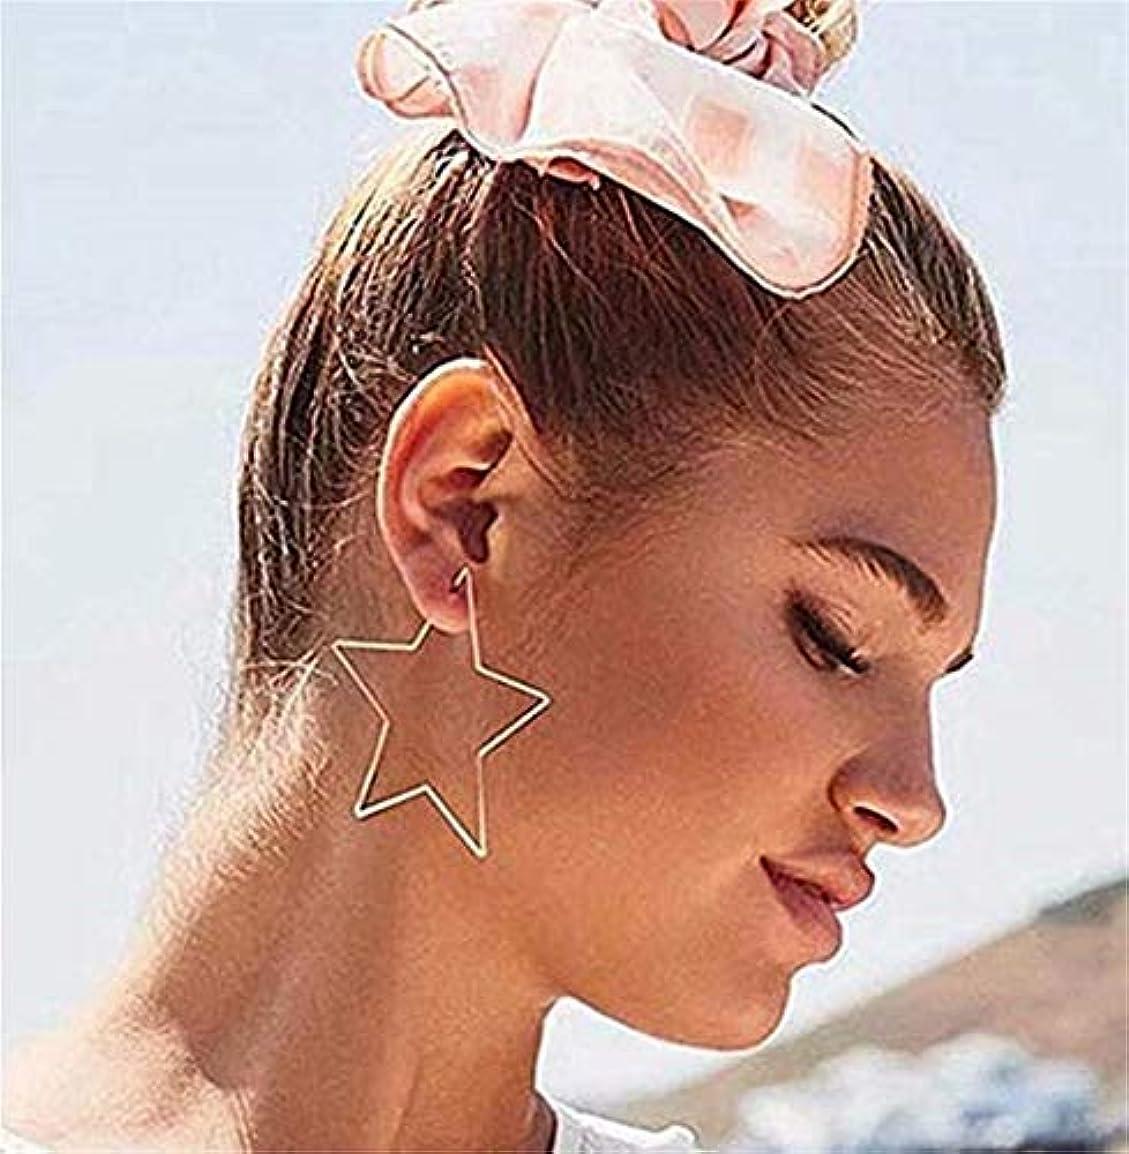 重くする膨らませる事七里の香 五芒星の中空ペンタグラムの耳の女性のフックスレーターダングルドロップスタッドイヤリングジュエリー